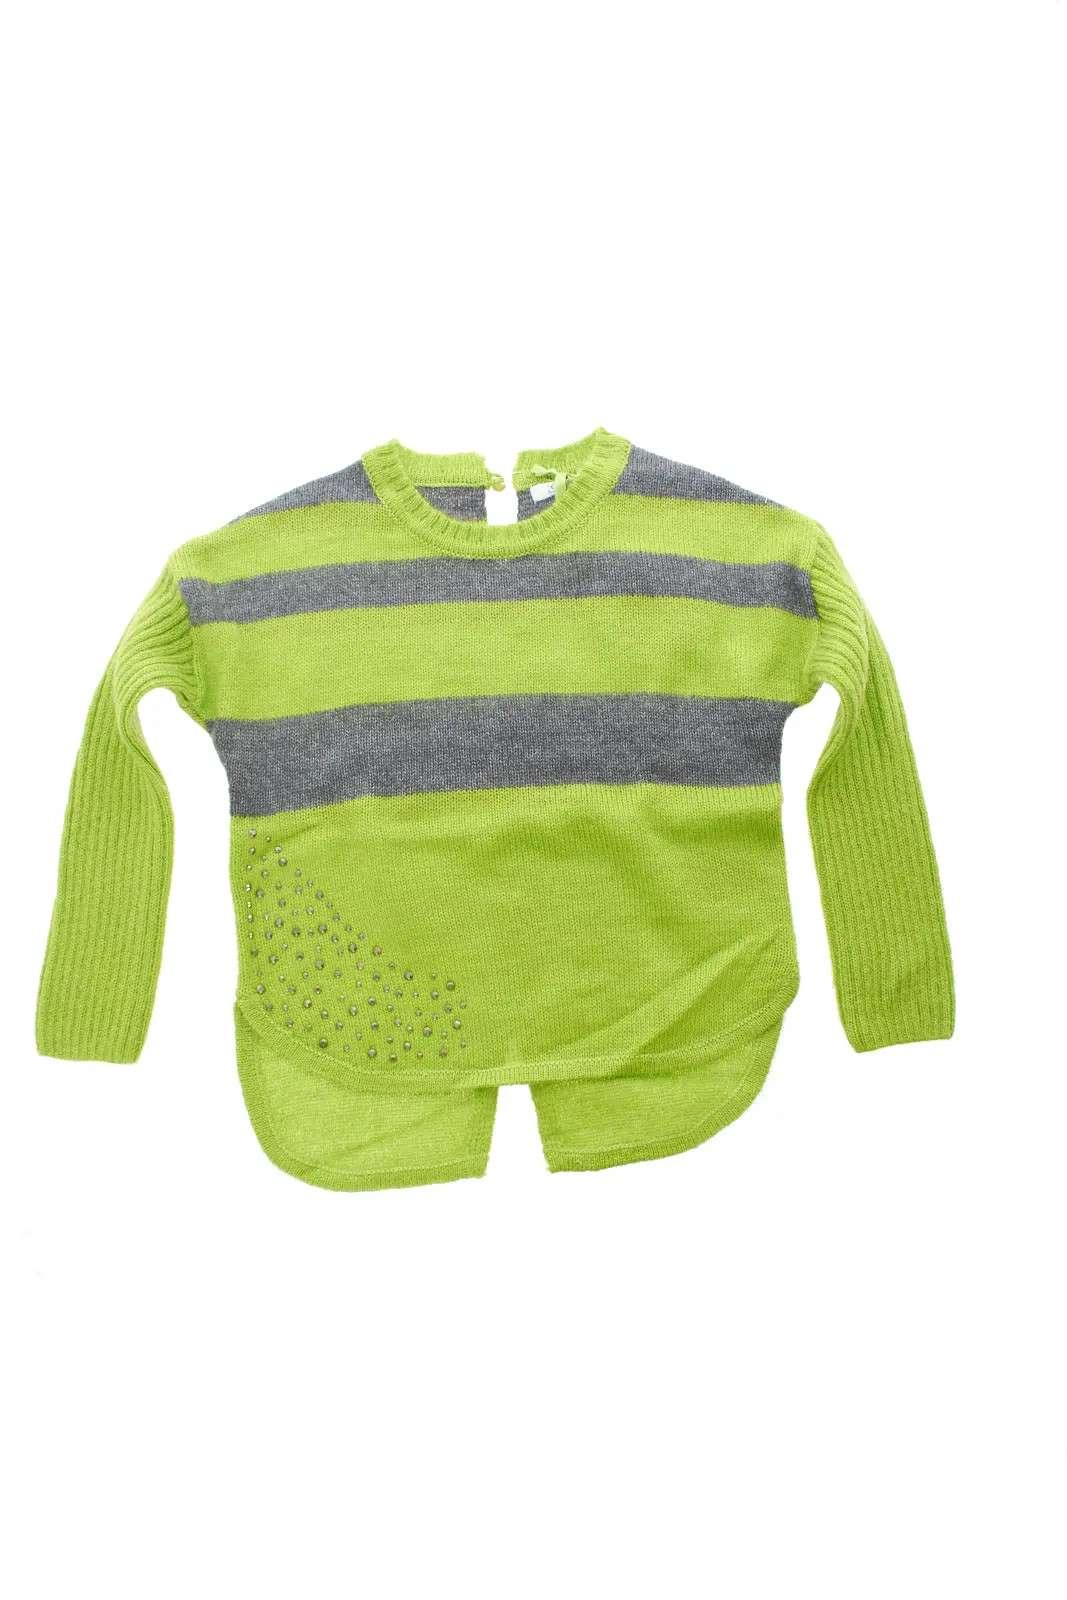 Scopri il nuovo maglione in misto mohair proposto dalla collezione Gaialuna. Una fantasia rigata impreziosita da strass simil borchie a rifinire ogni look. Perfetto sia con jeans che con pantaloni per reinventare ogni look.